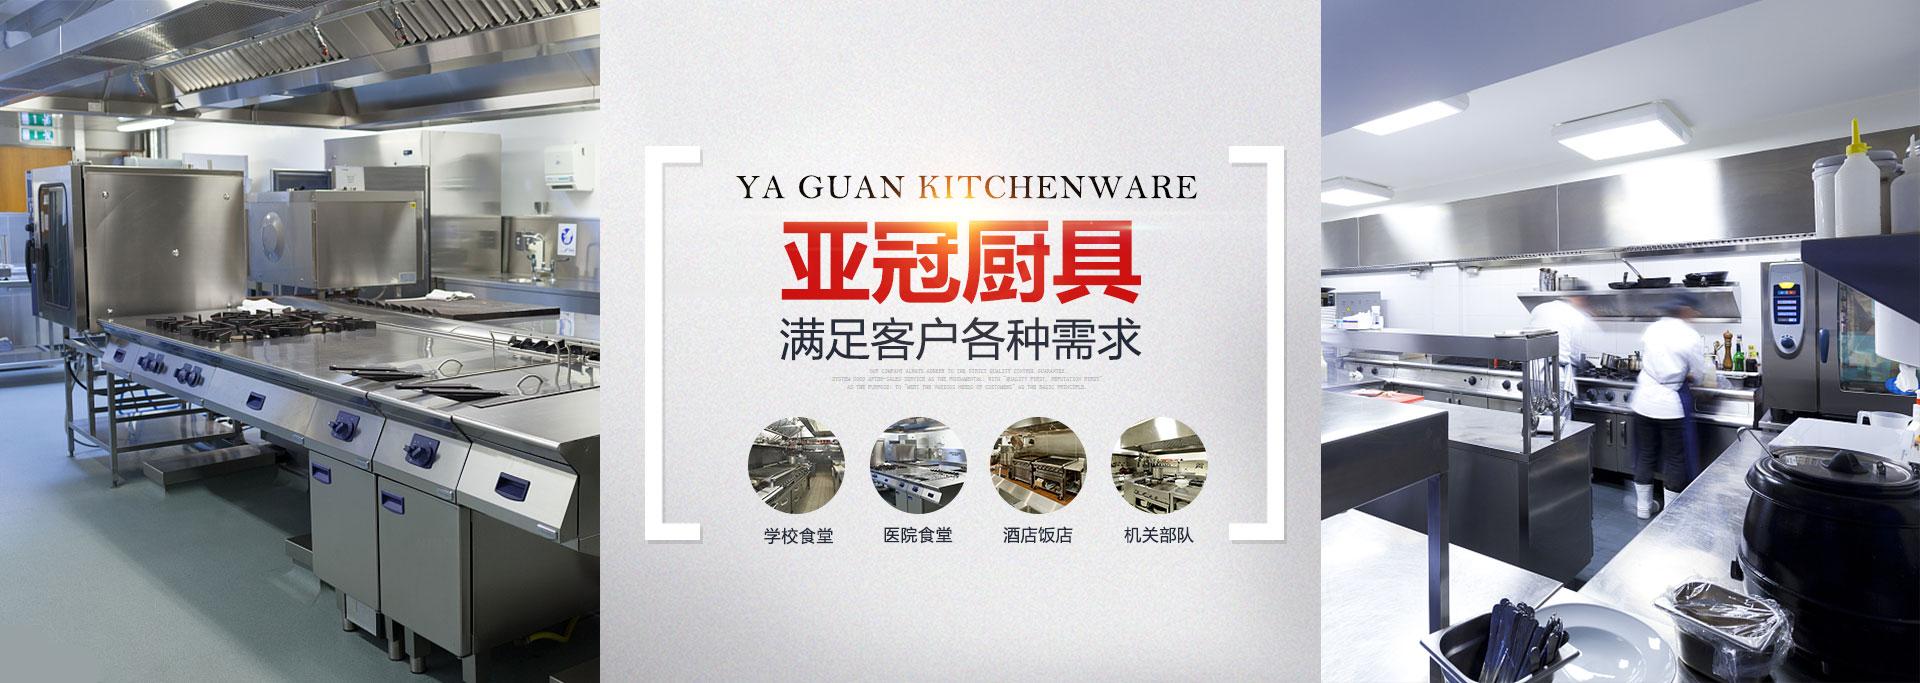 济南商务厨具